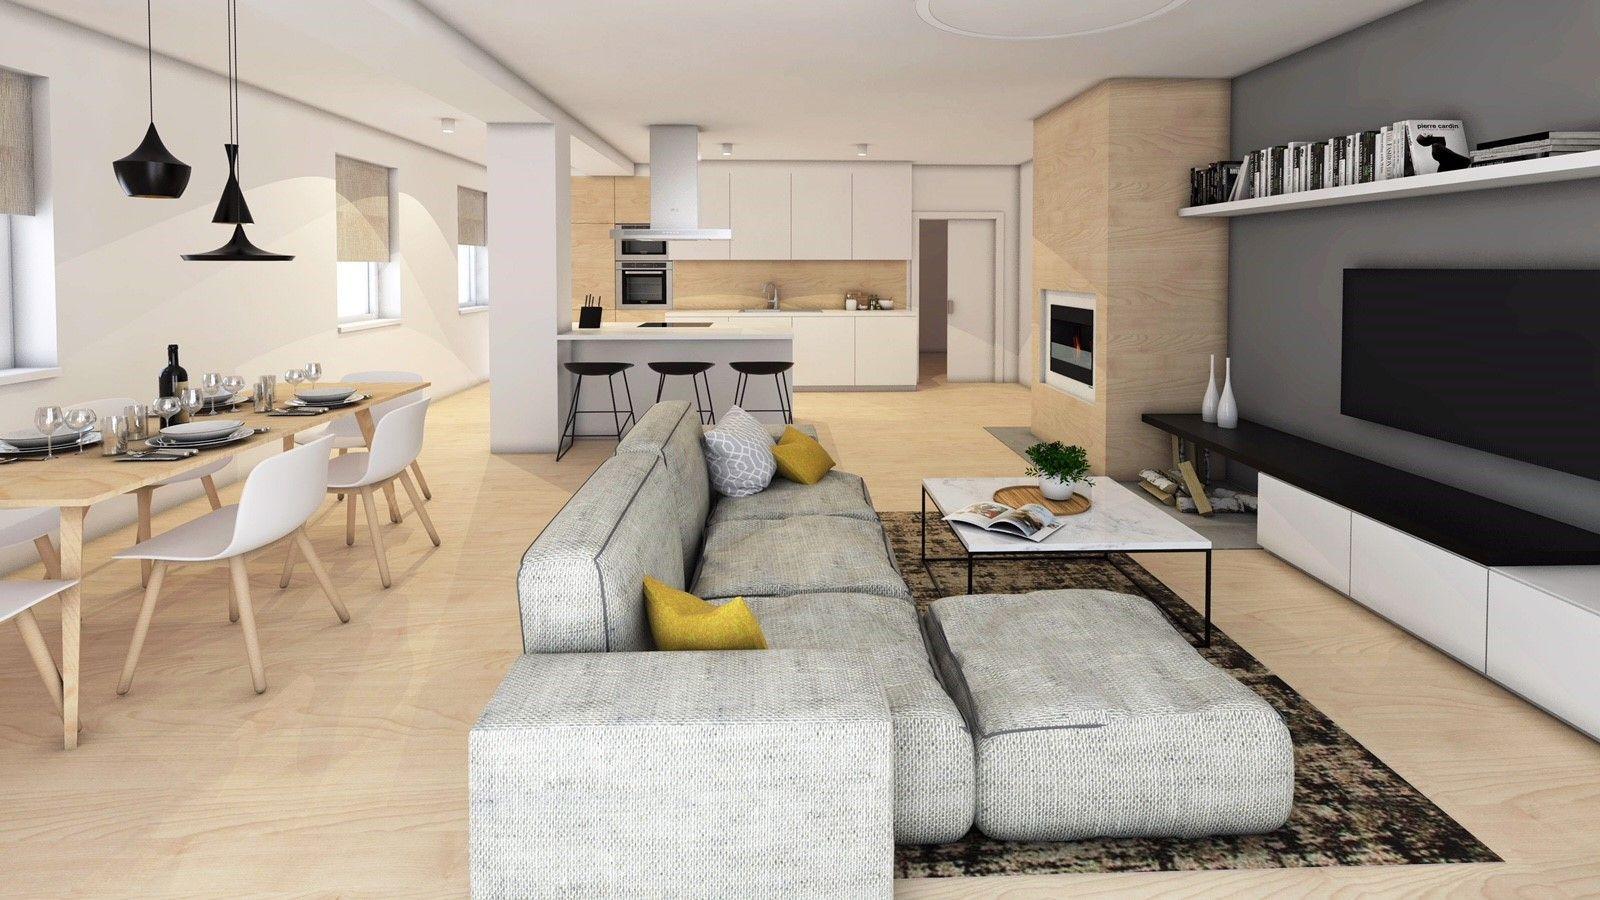 3-izbový byt-Predaj-Bratislava - mestská časť Rača-304000.00 €